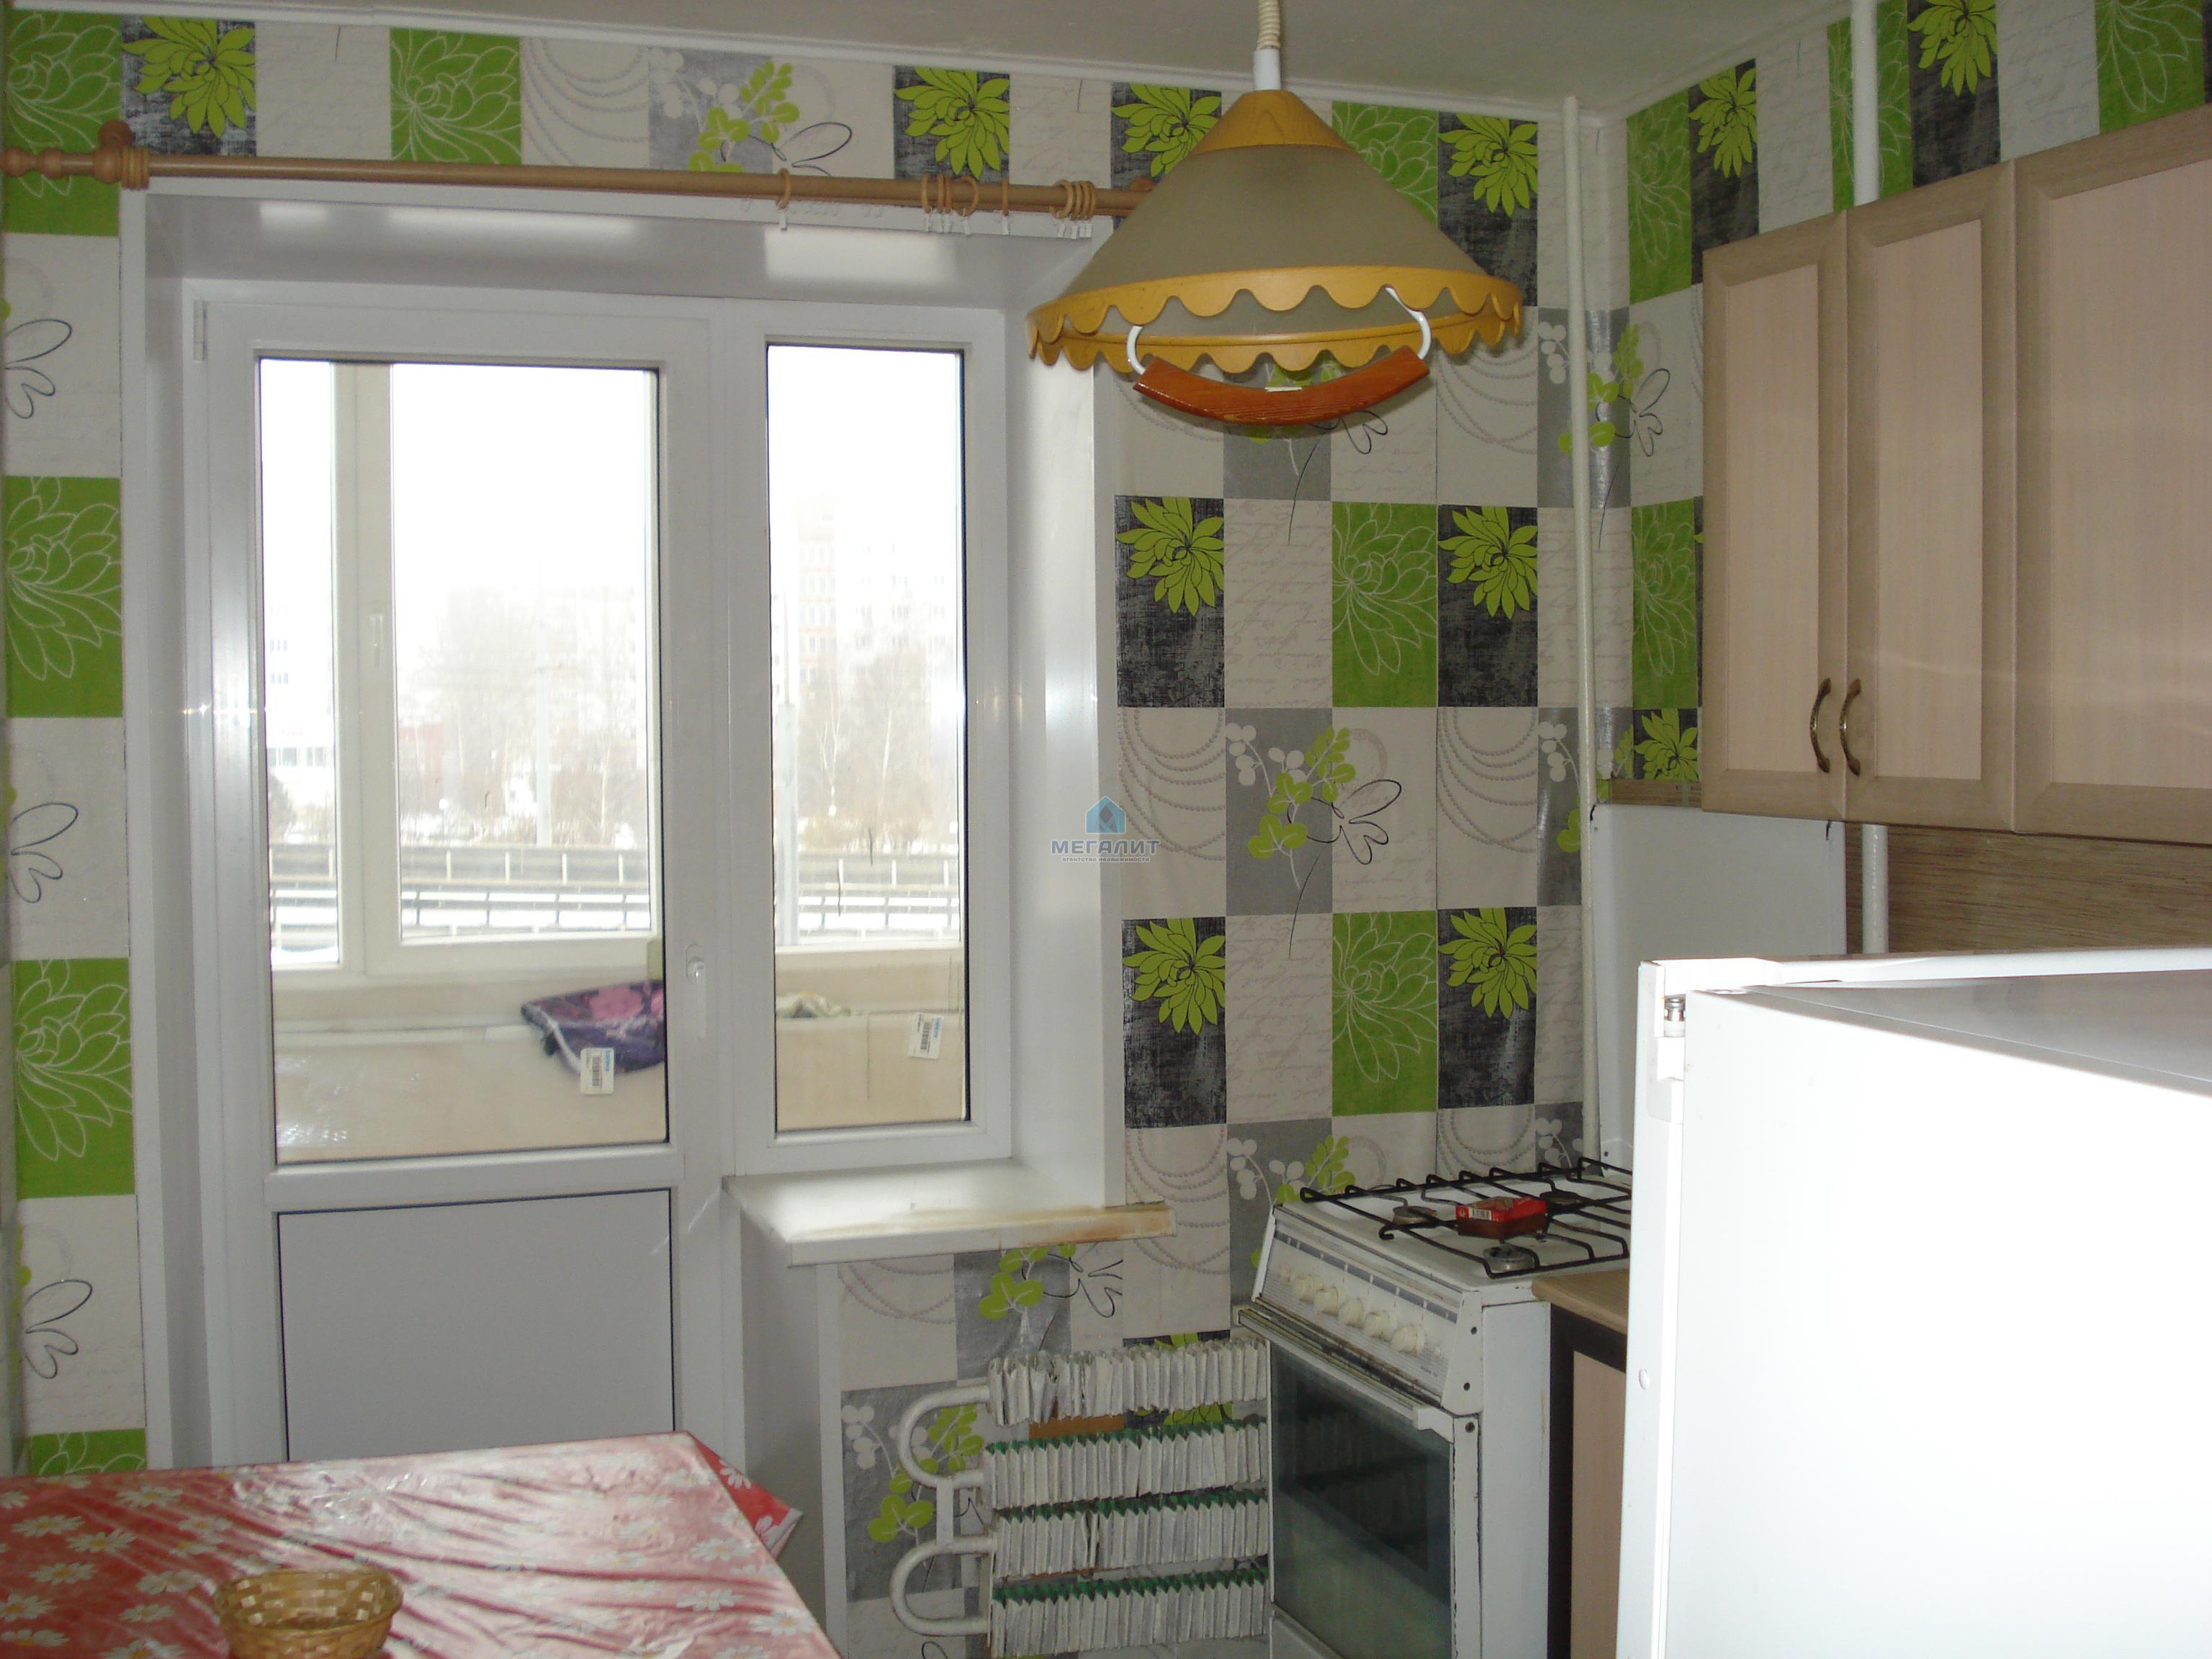 Аренда 1-к квартиры Рихарда Зорге 57/29, 36 м² (миниатюра №1)